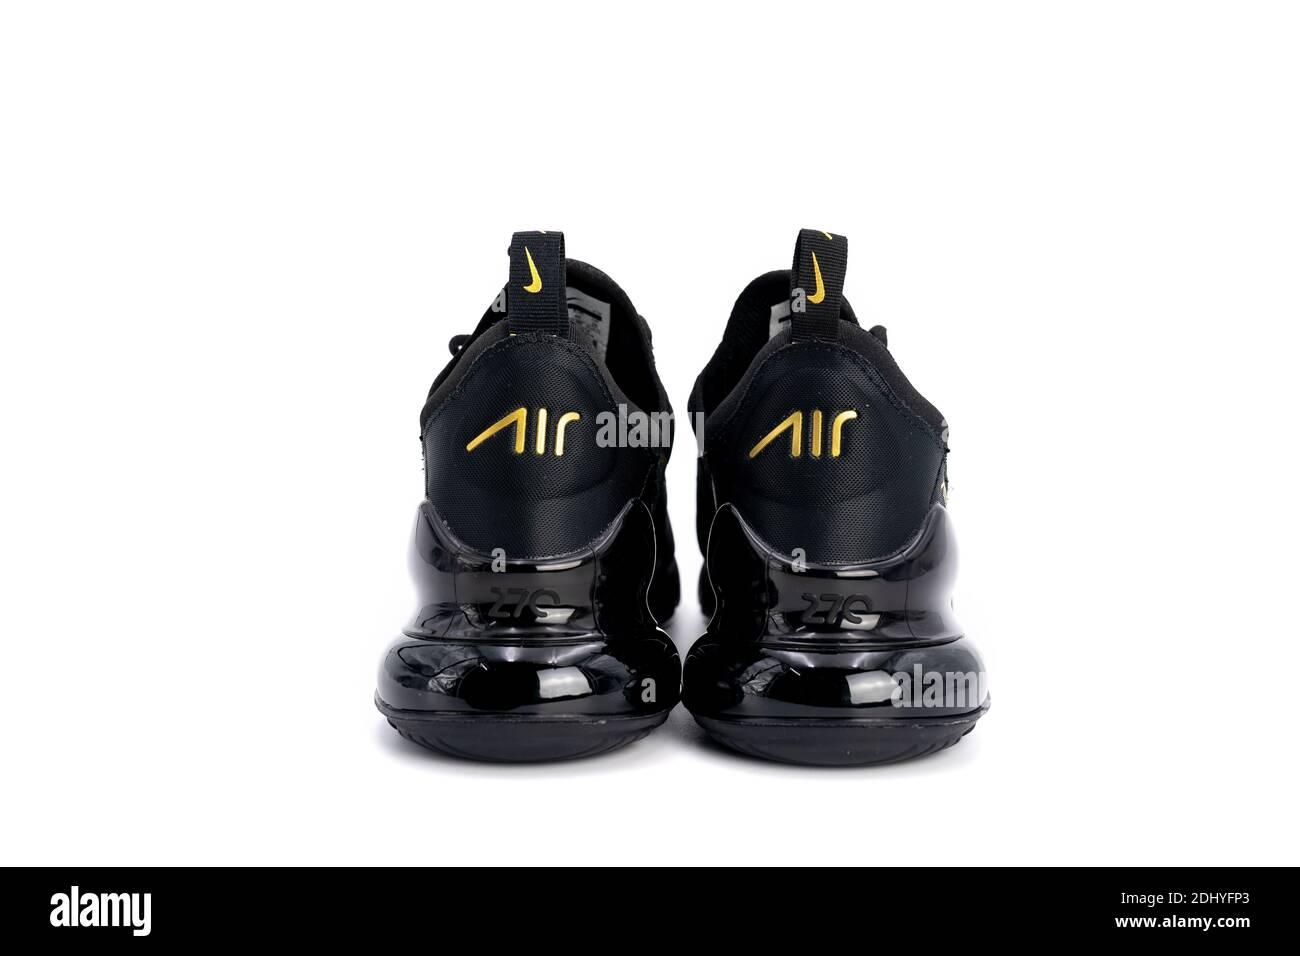 Bangkok, Thailand - 23 Mar 2020, Nike air max 270 black and gold ...